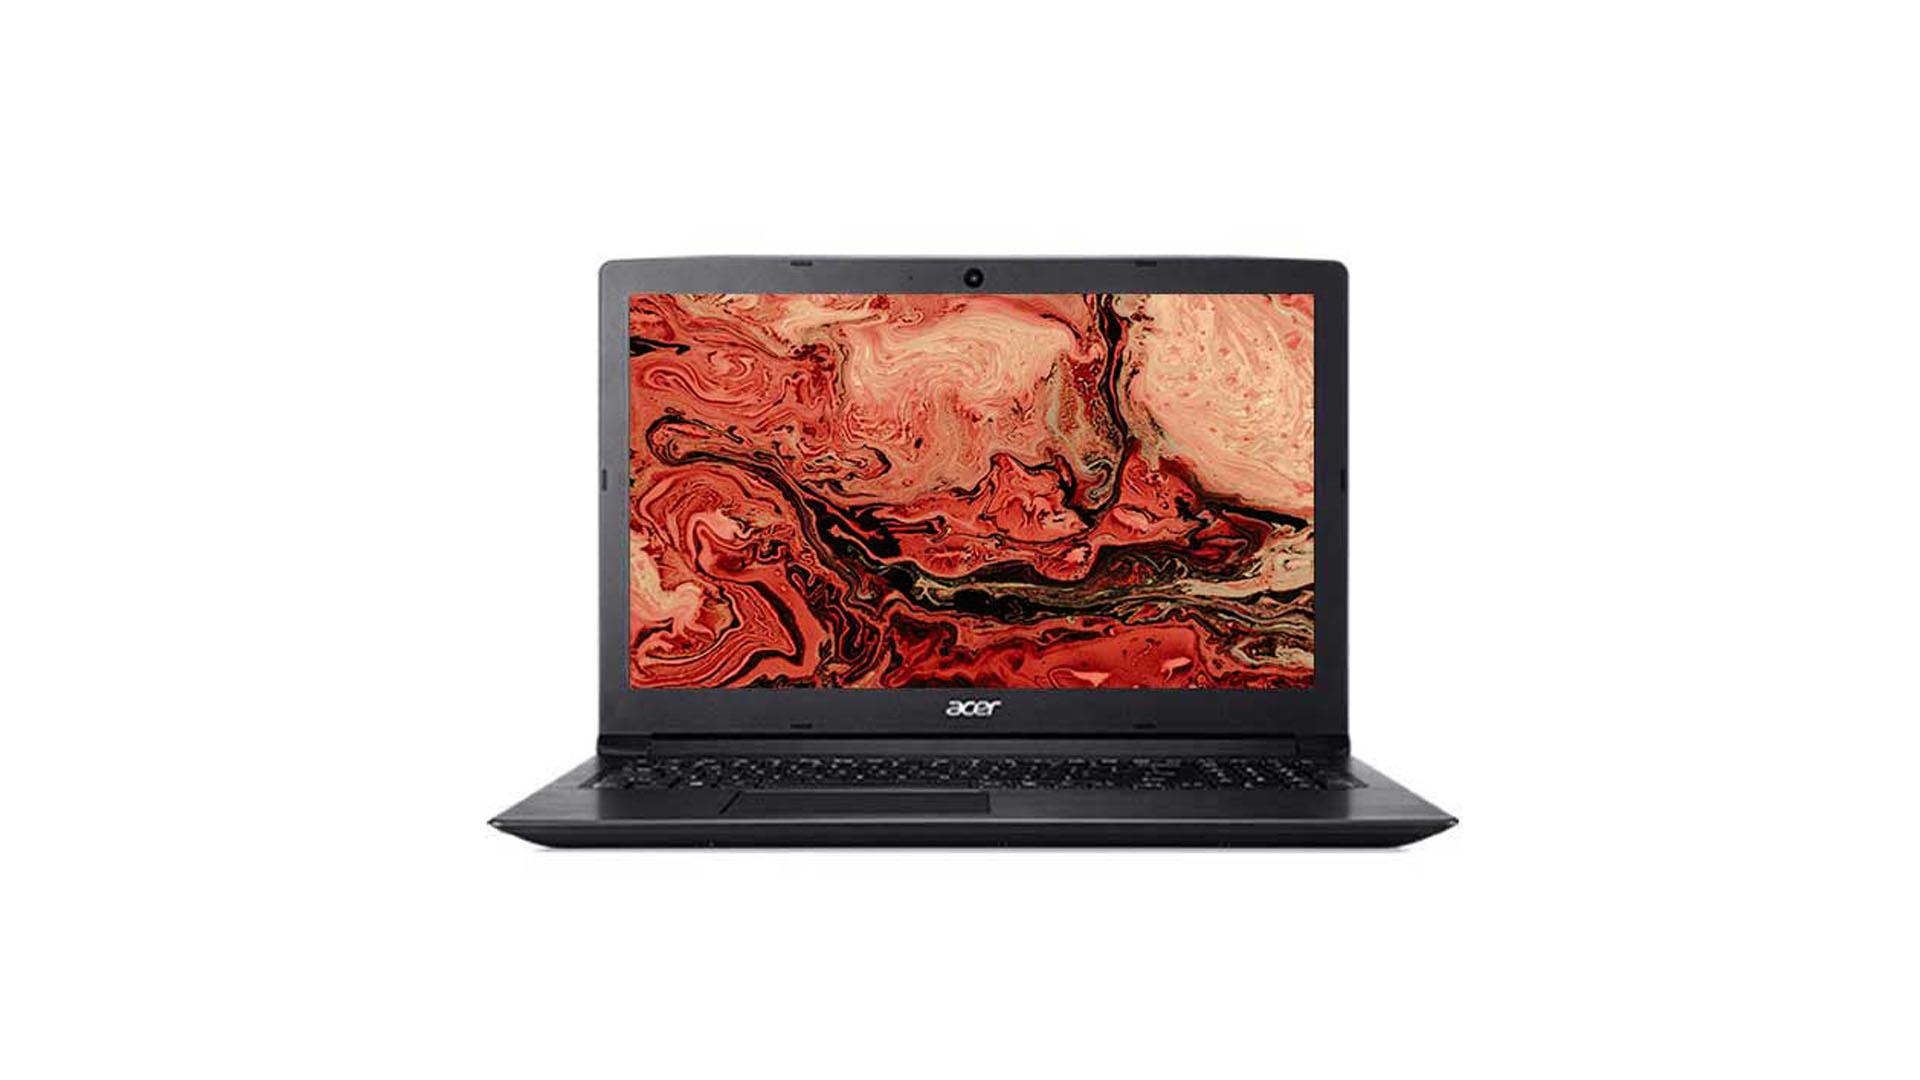 شركة Acer تعلن عن نتائج الربع الثاني من 2020 مع دخل تشغيلي 2.13 مليار